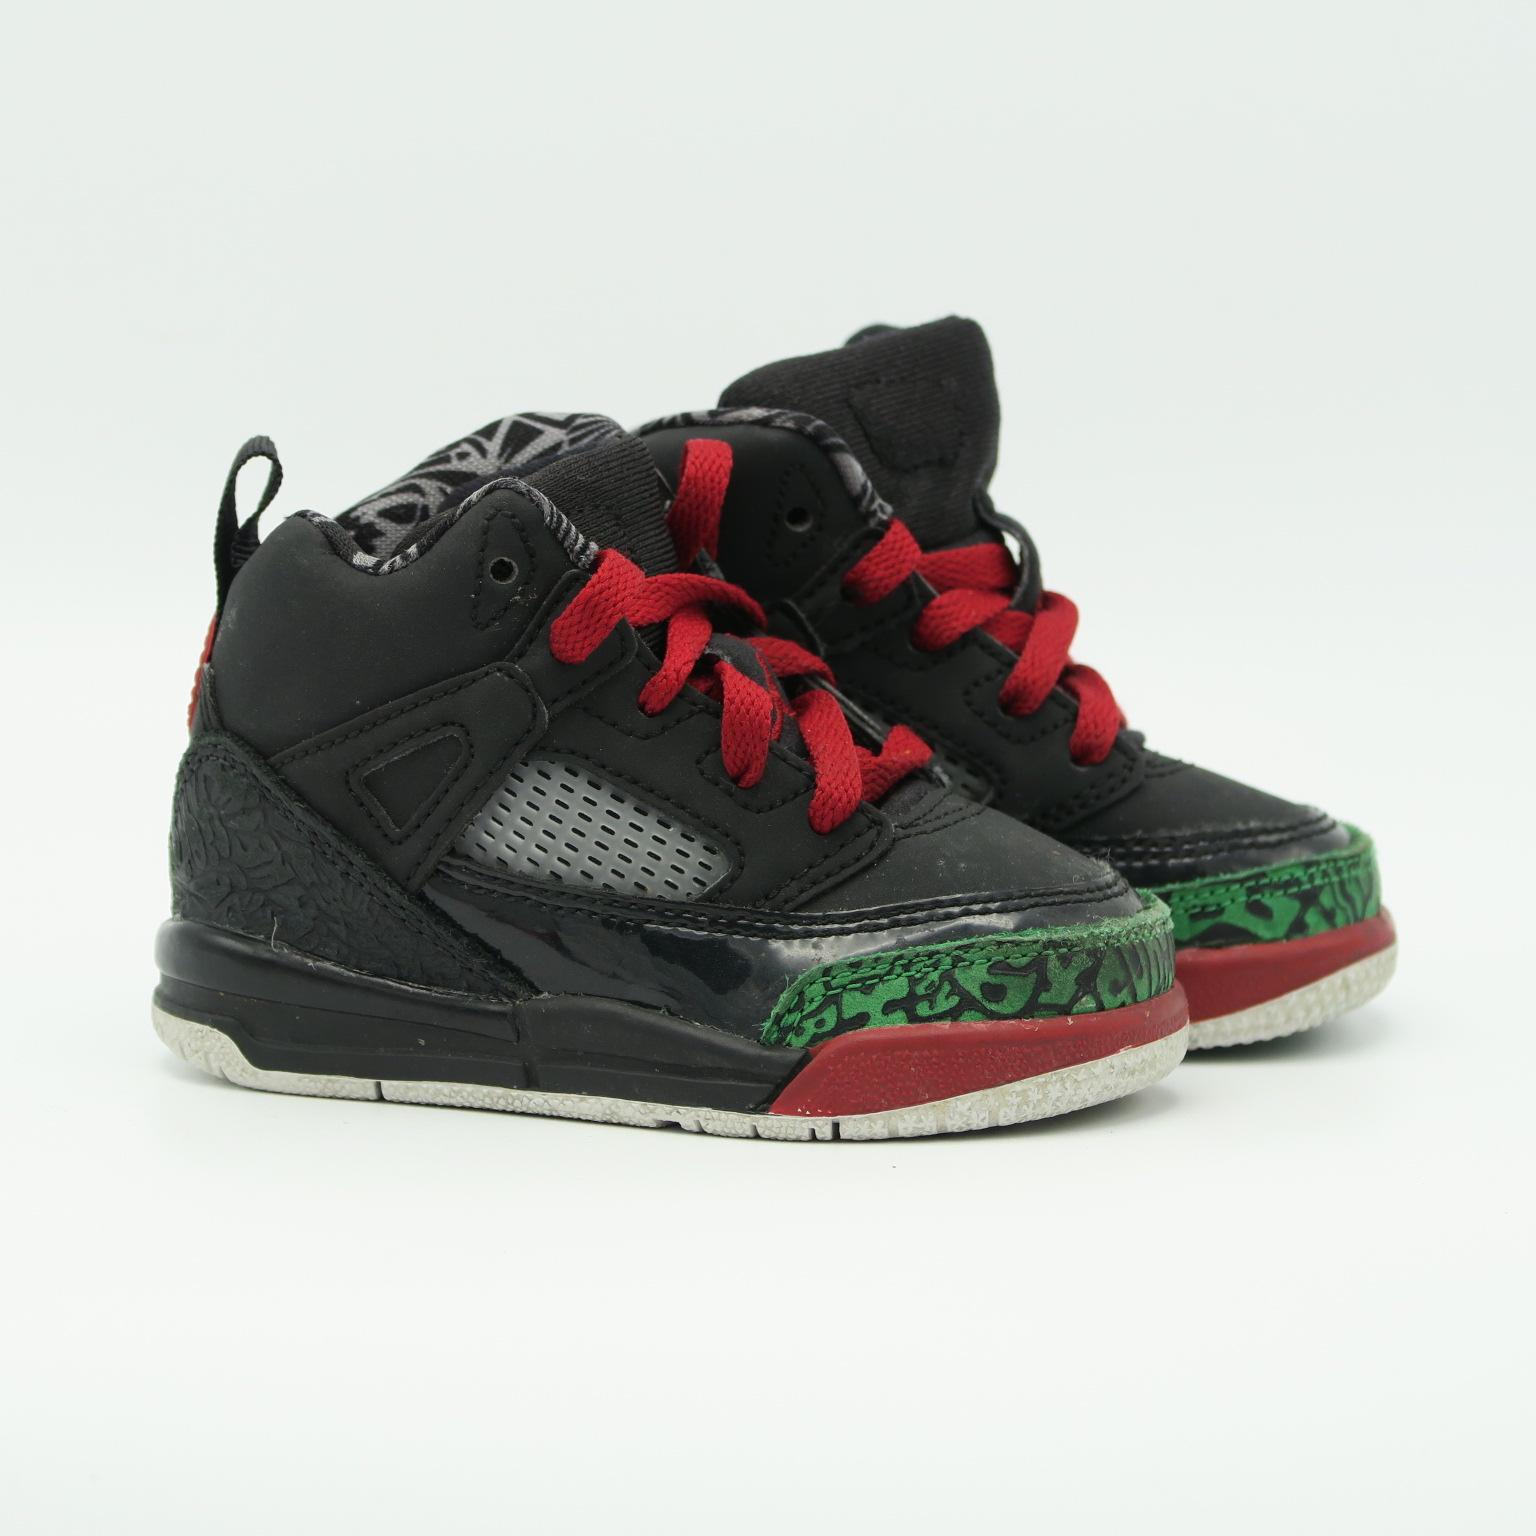 buy online 81c0f 2d360 Footwear - Sneakers - Sneakers size: 5 Toddler - Swoondle ...